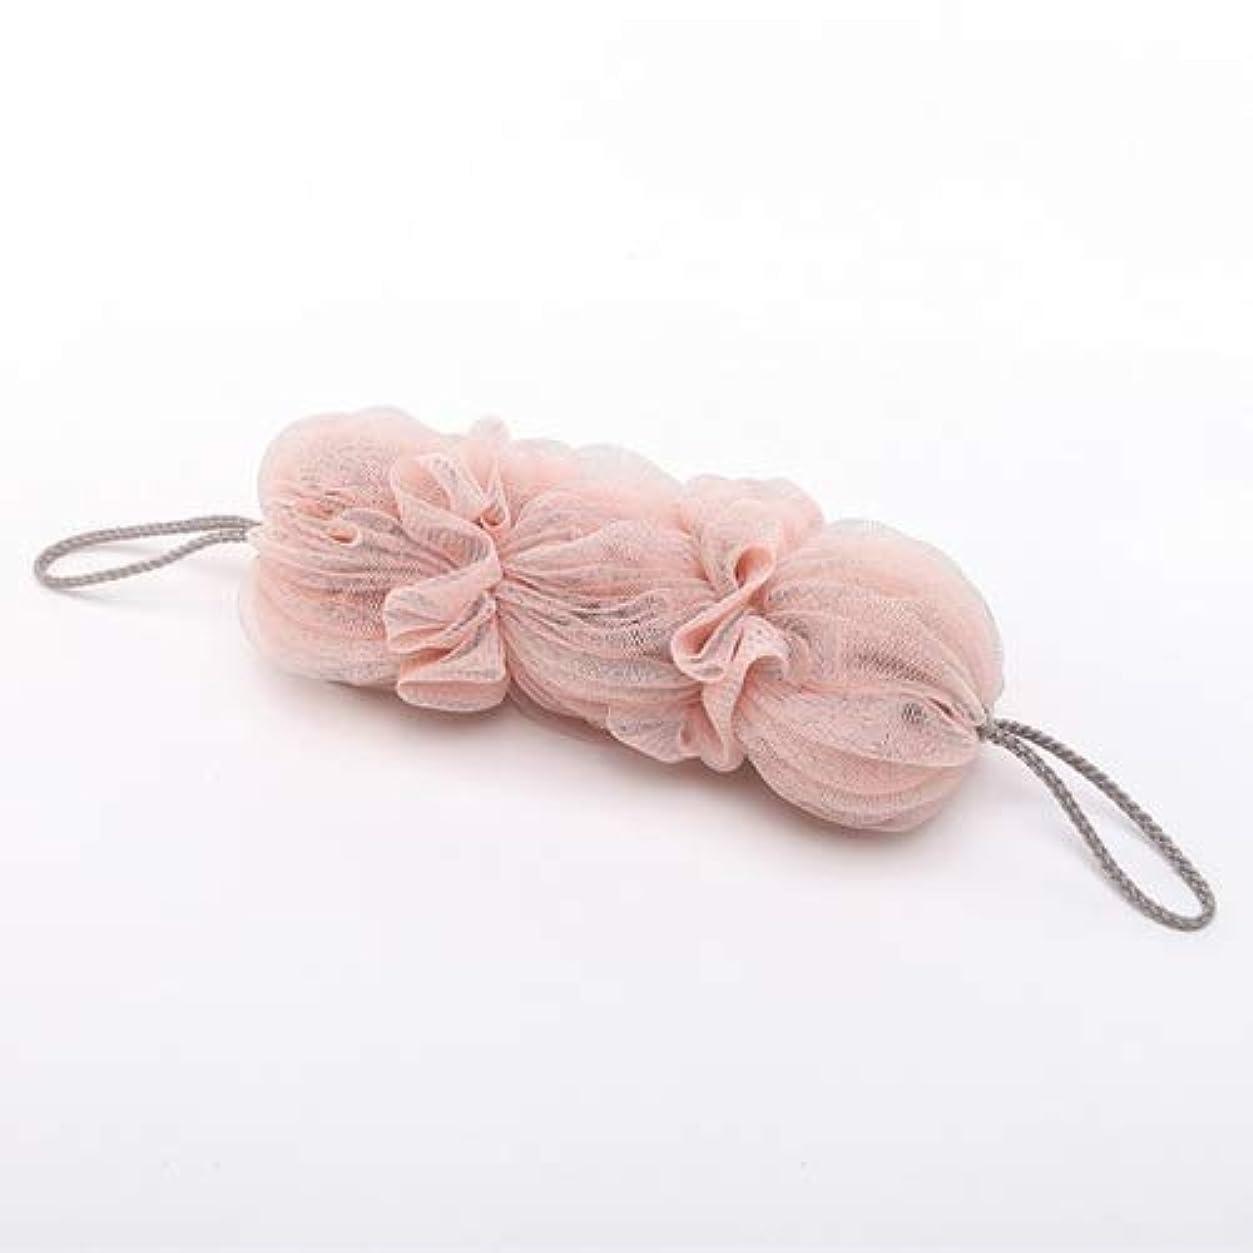 争う葉を拾う服を片付けるバスルーム用品 両面バスボール風呂浴槽バスタオルスクラバーボディ剥離シャワーボール (色 : Light pink)